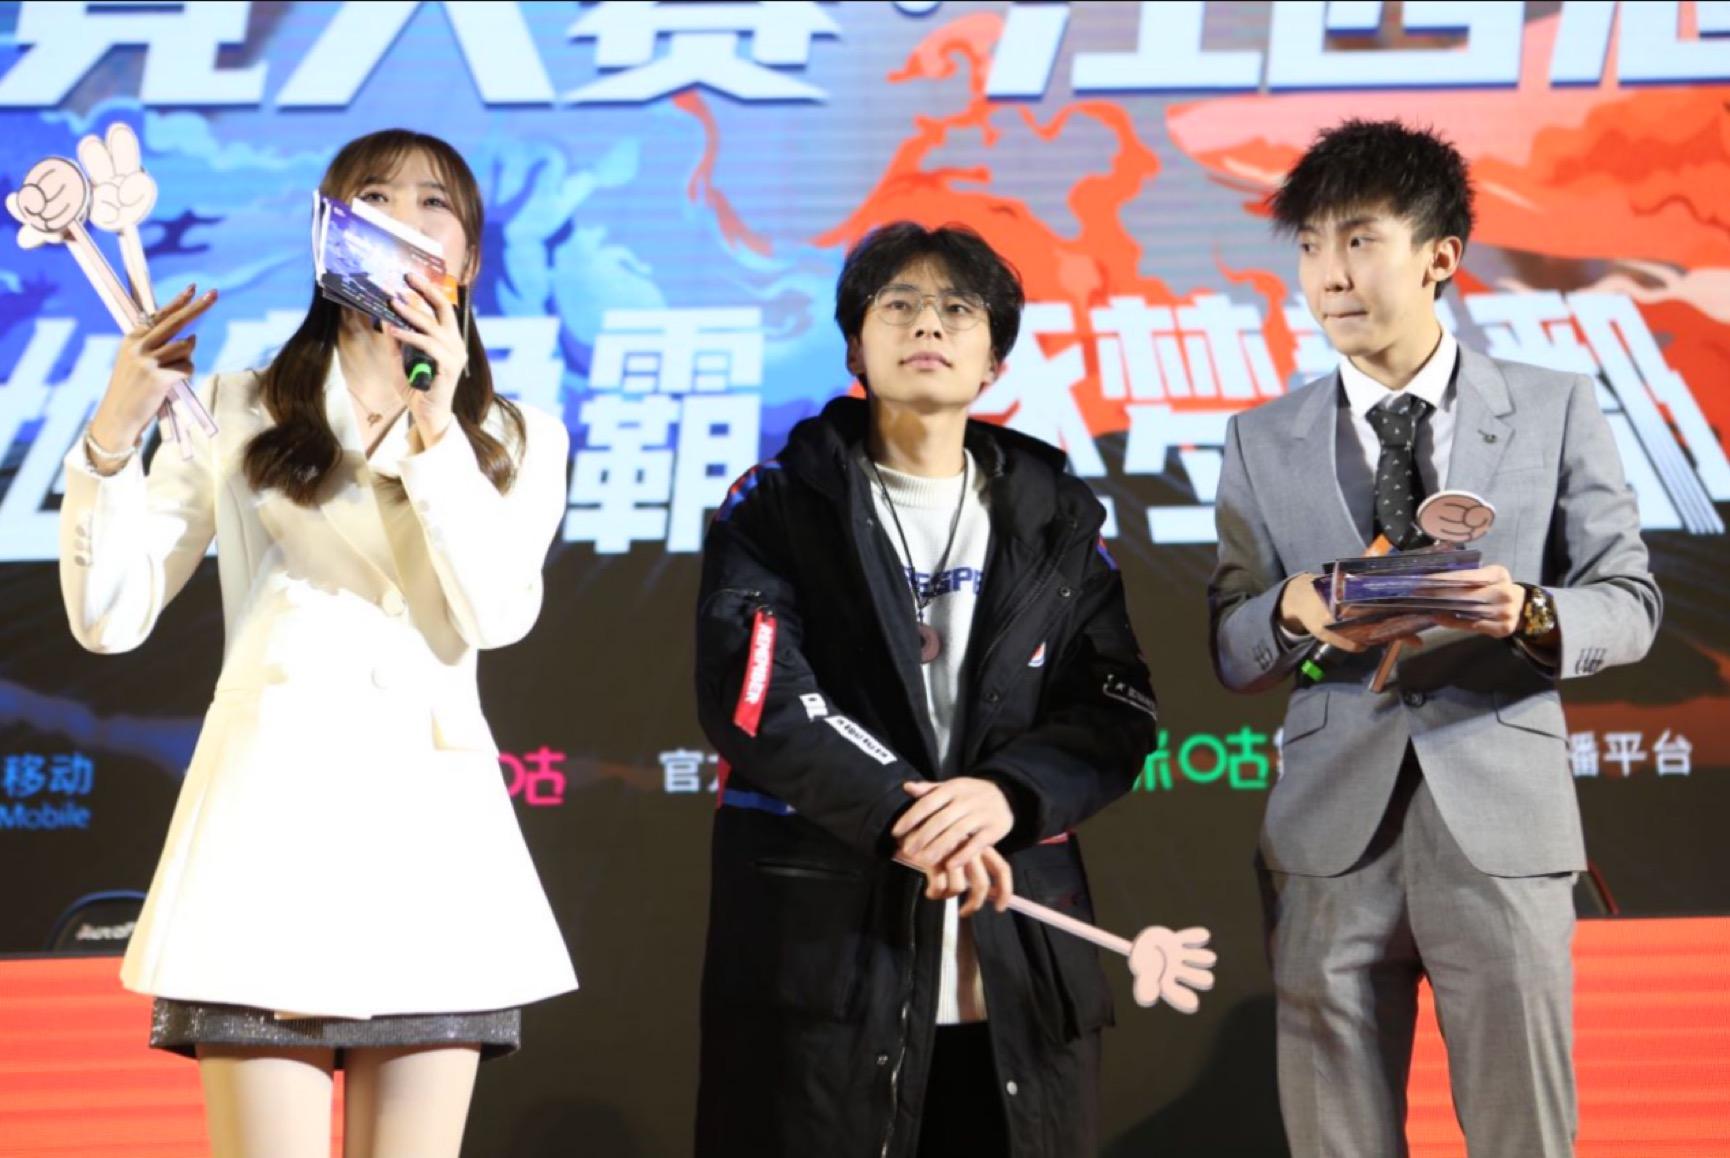 冠军揭晓!动感地带5G电竞大赛江西总决赛圆满收官